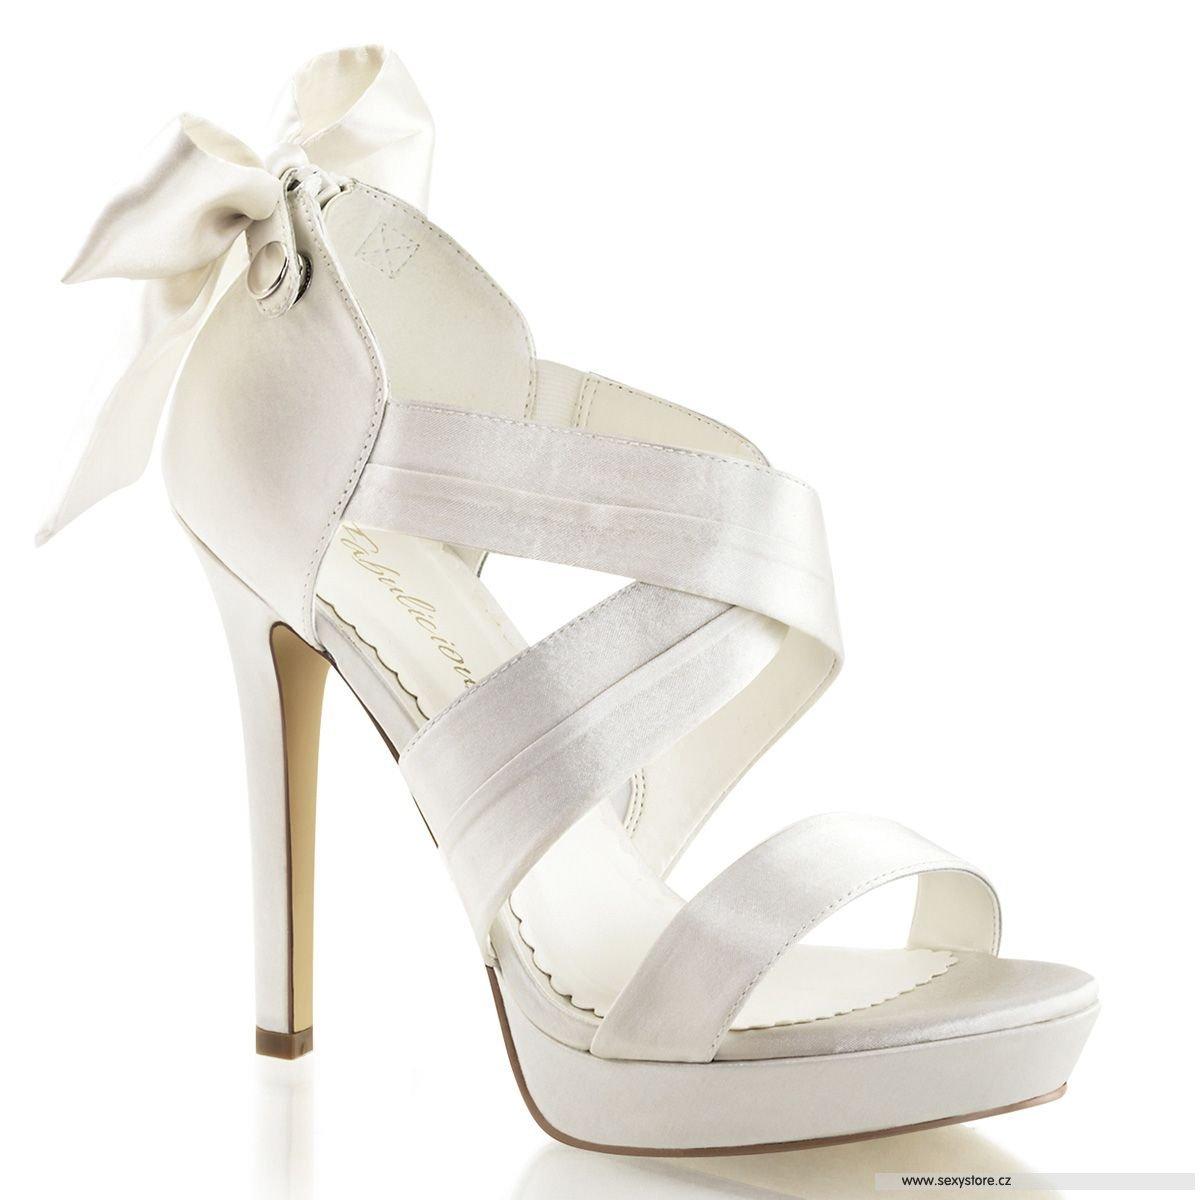 Bílé svatební sandálky na podpatku a platformě LUMINA-29 IVSA ... 7b14517e6d